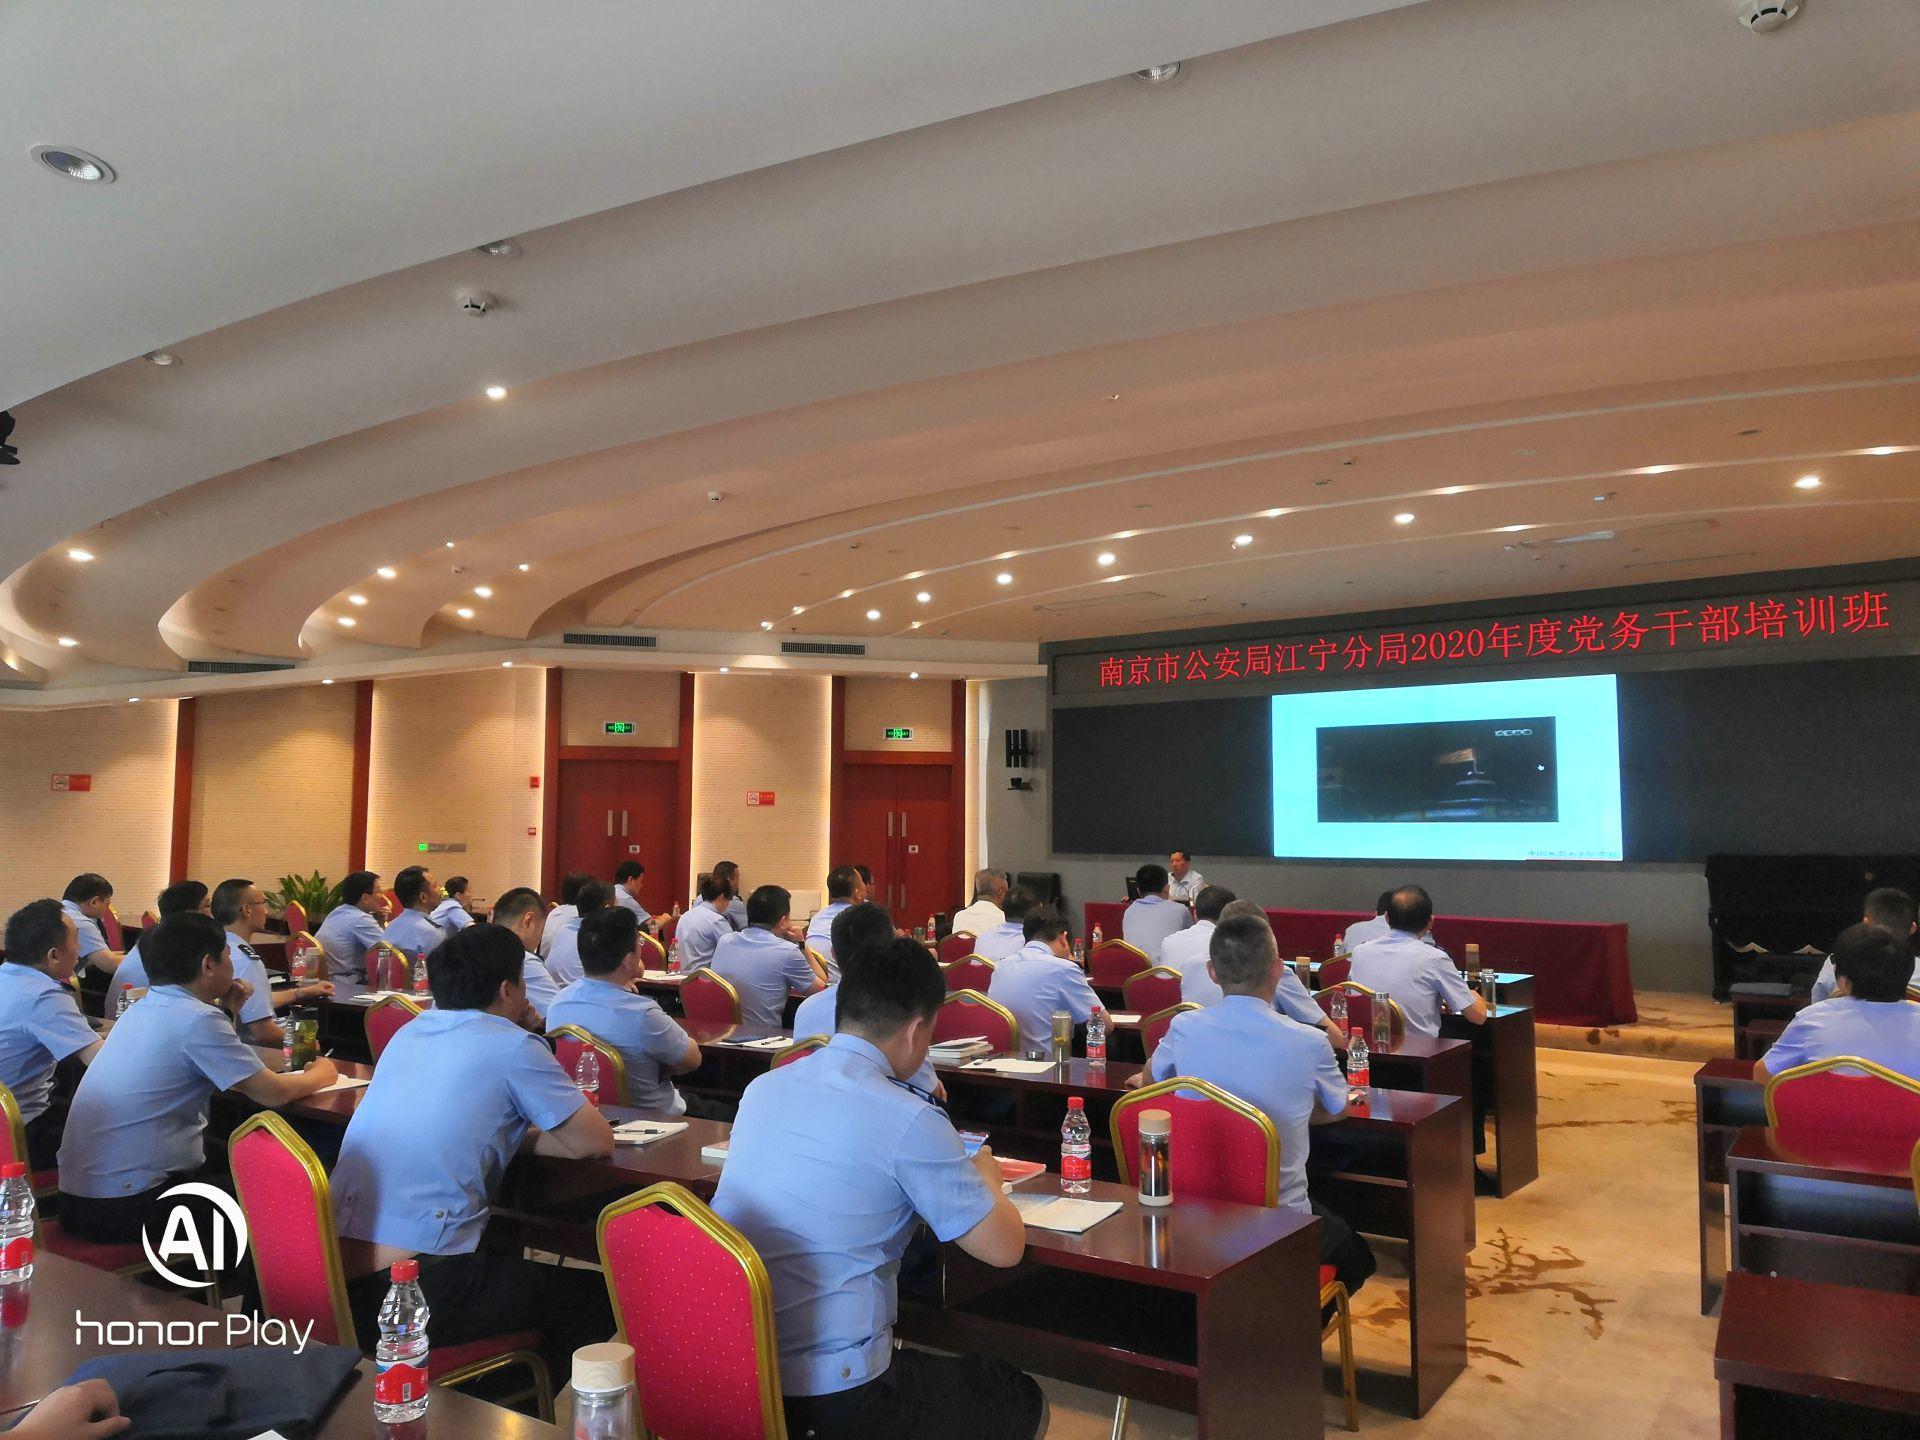 江苏省南京市公安局江宁分局2020年度党务干部培训班三期